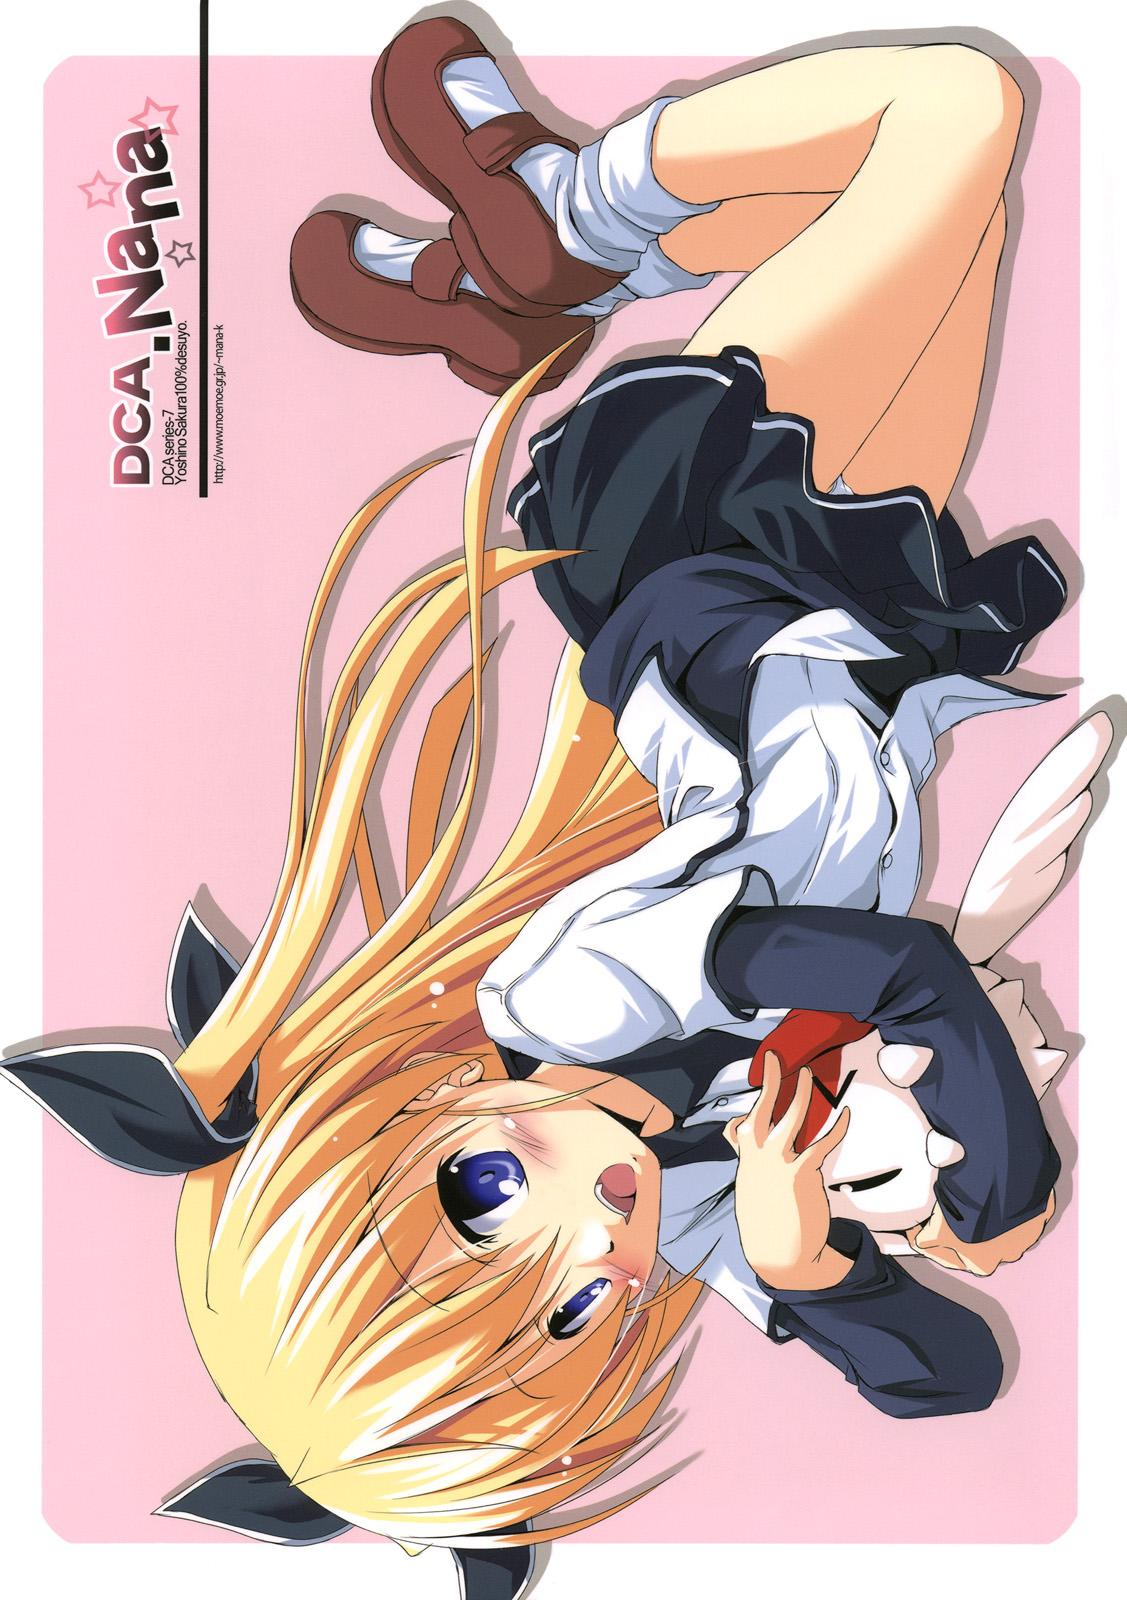 (COMIC1☆3) [Nekogoro (capt.Nekogoro)] DCA.NANA -DCA series-7 Yoshino Sakura 100% desuyo.- (Da Capo) 17